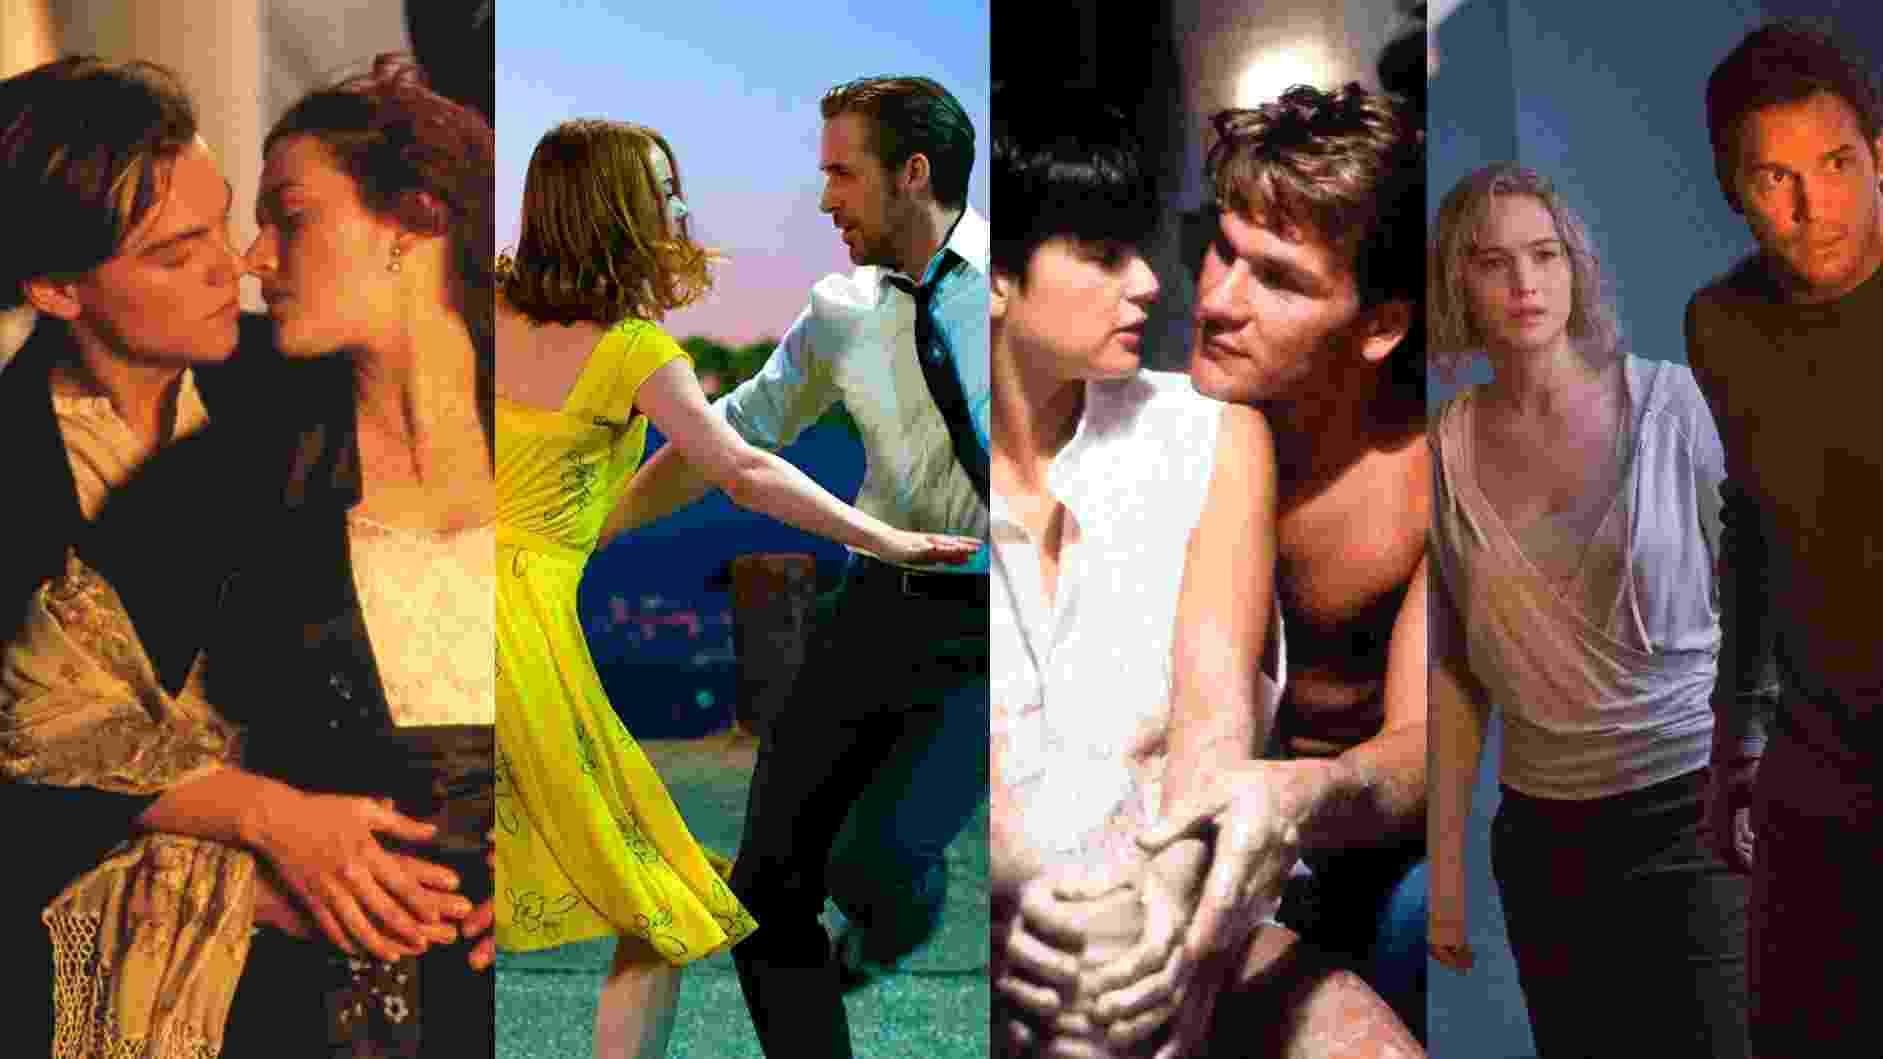 """Cenas dos filmes """"Titanic"""" (1997), de James Cameron, """"La La Land: Cantando Estações"""" (2016), de Damien Chazelle, """"Ghost: Do Outro Lado da Vida"""" (1990), de Jerry Zucker e """"Passageiros"""" (2016), de Morten Tyldum - Reprodução/Montagem"""